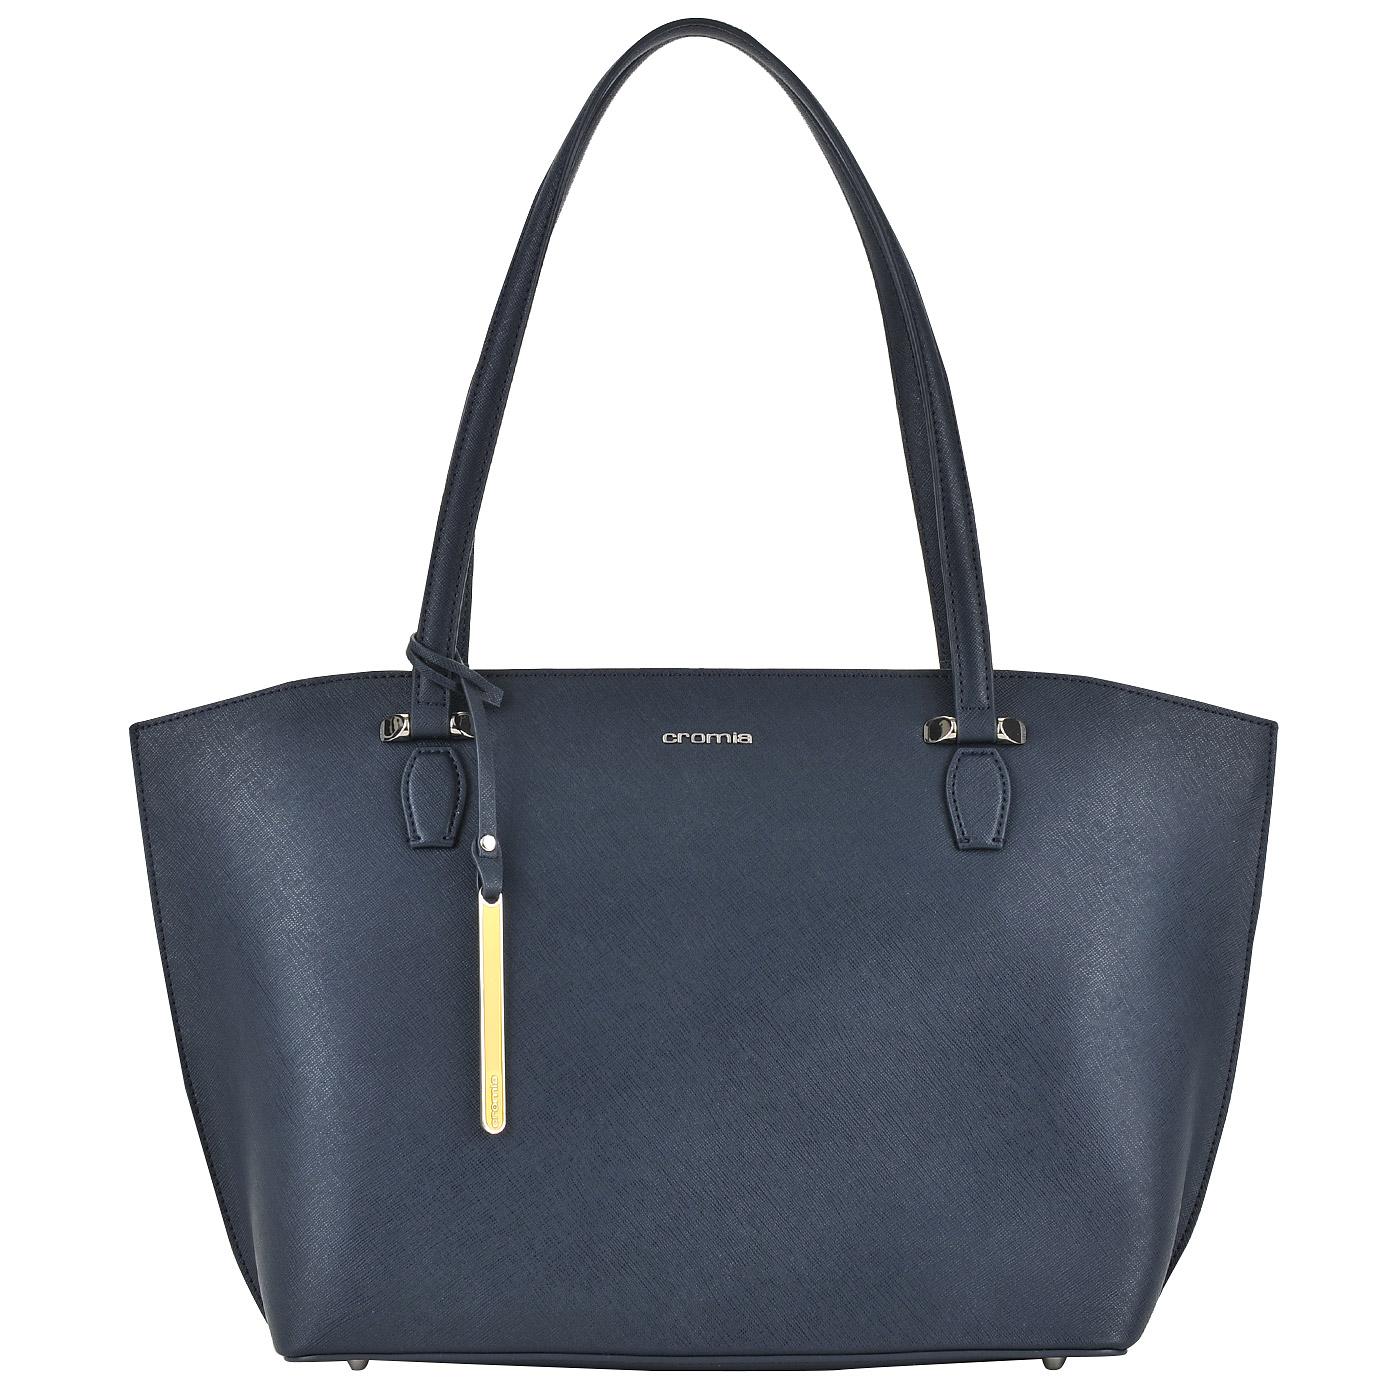 04247da74b51 ... Женская кожаная сумка-трапеция с длинными ручками Cromia Perla ...